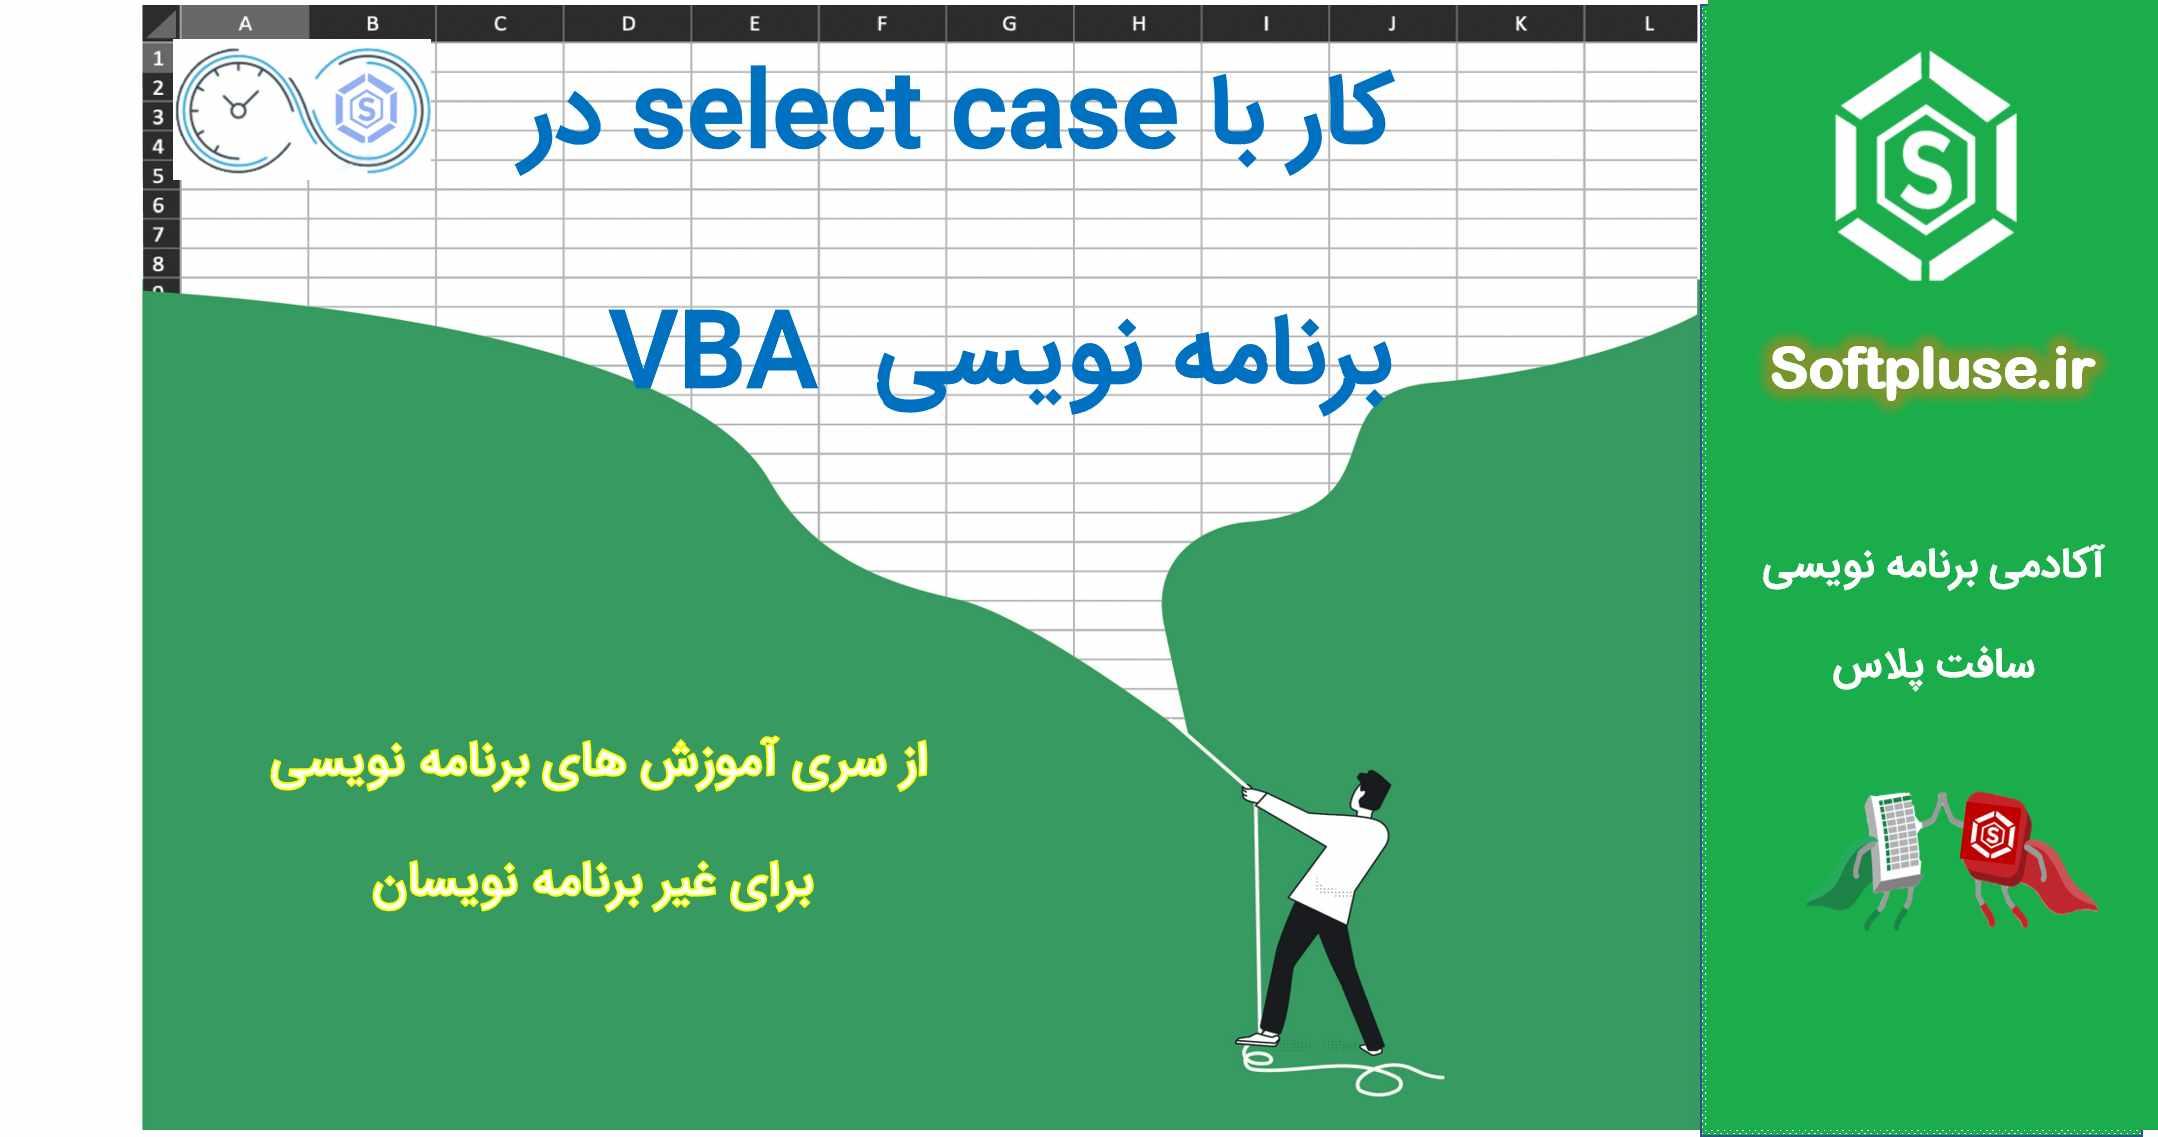 چطور به آسانی با select case در VBA کار کنیم؟